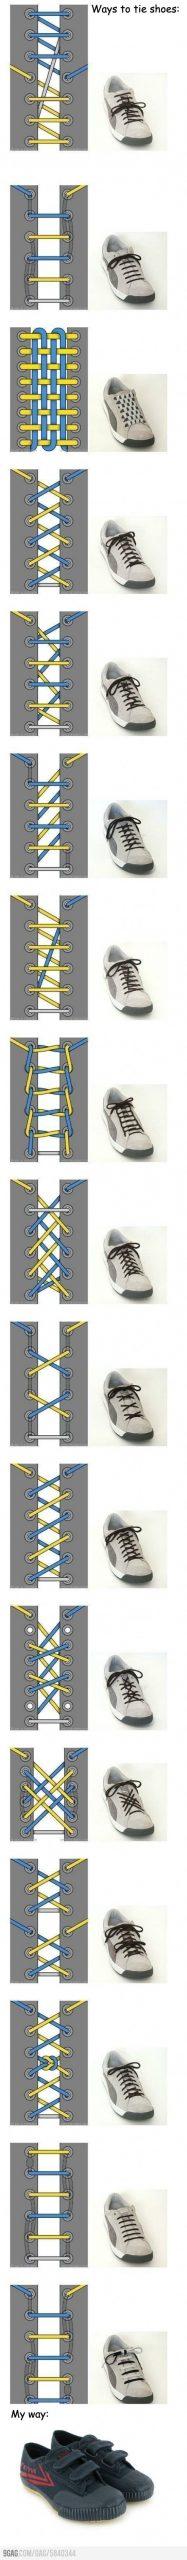 素敵な靴ヒモの結び方一覧